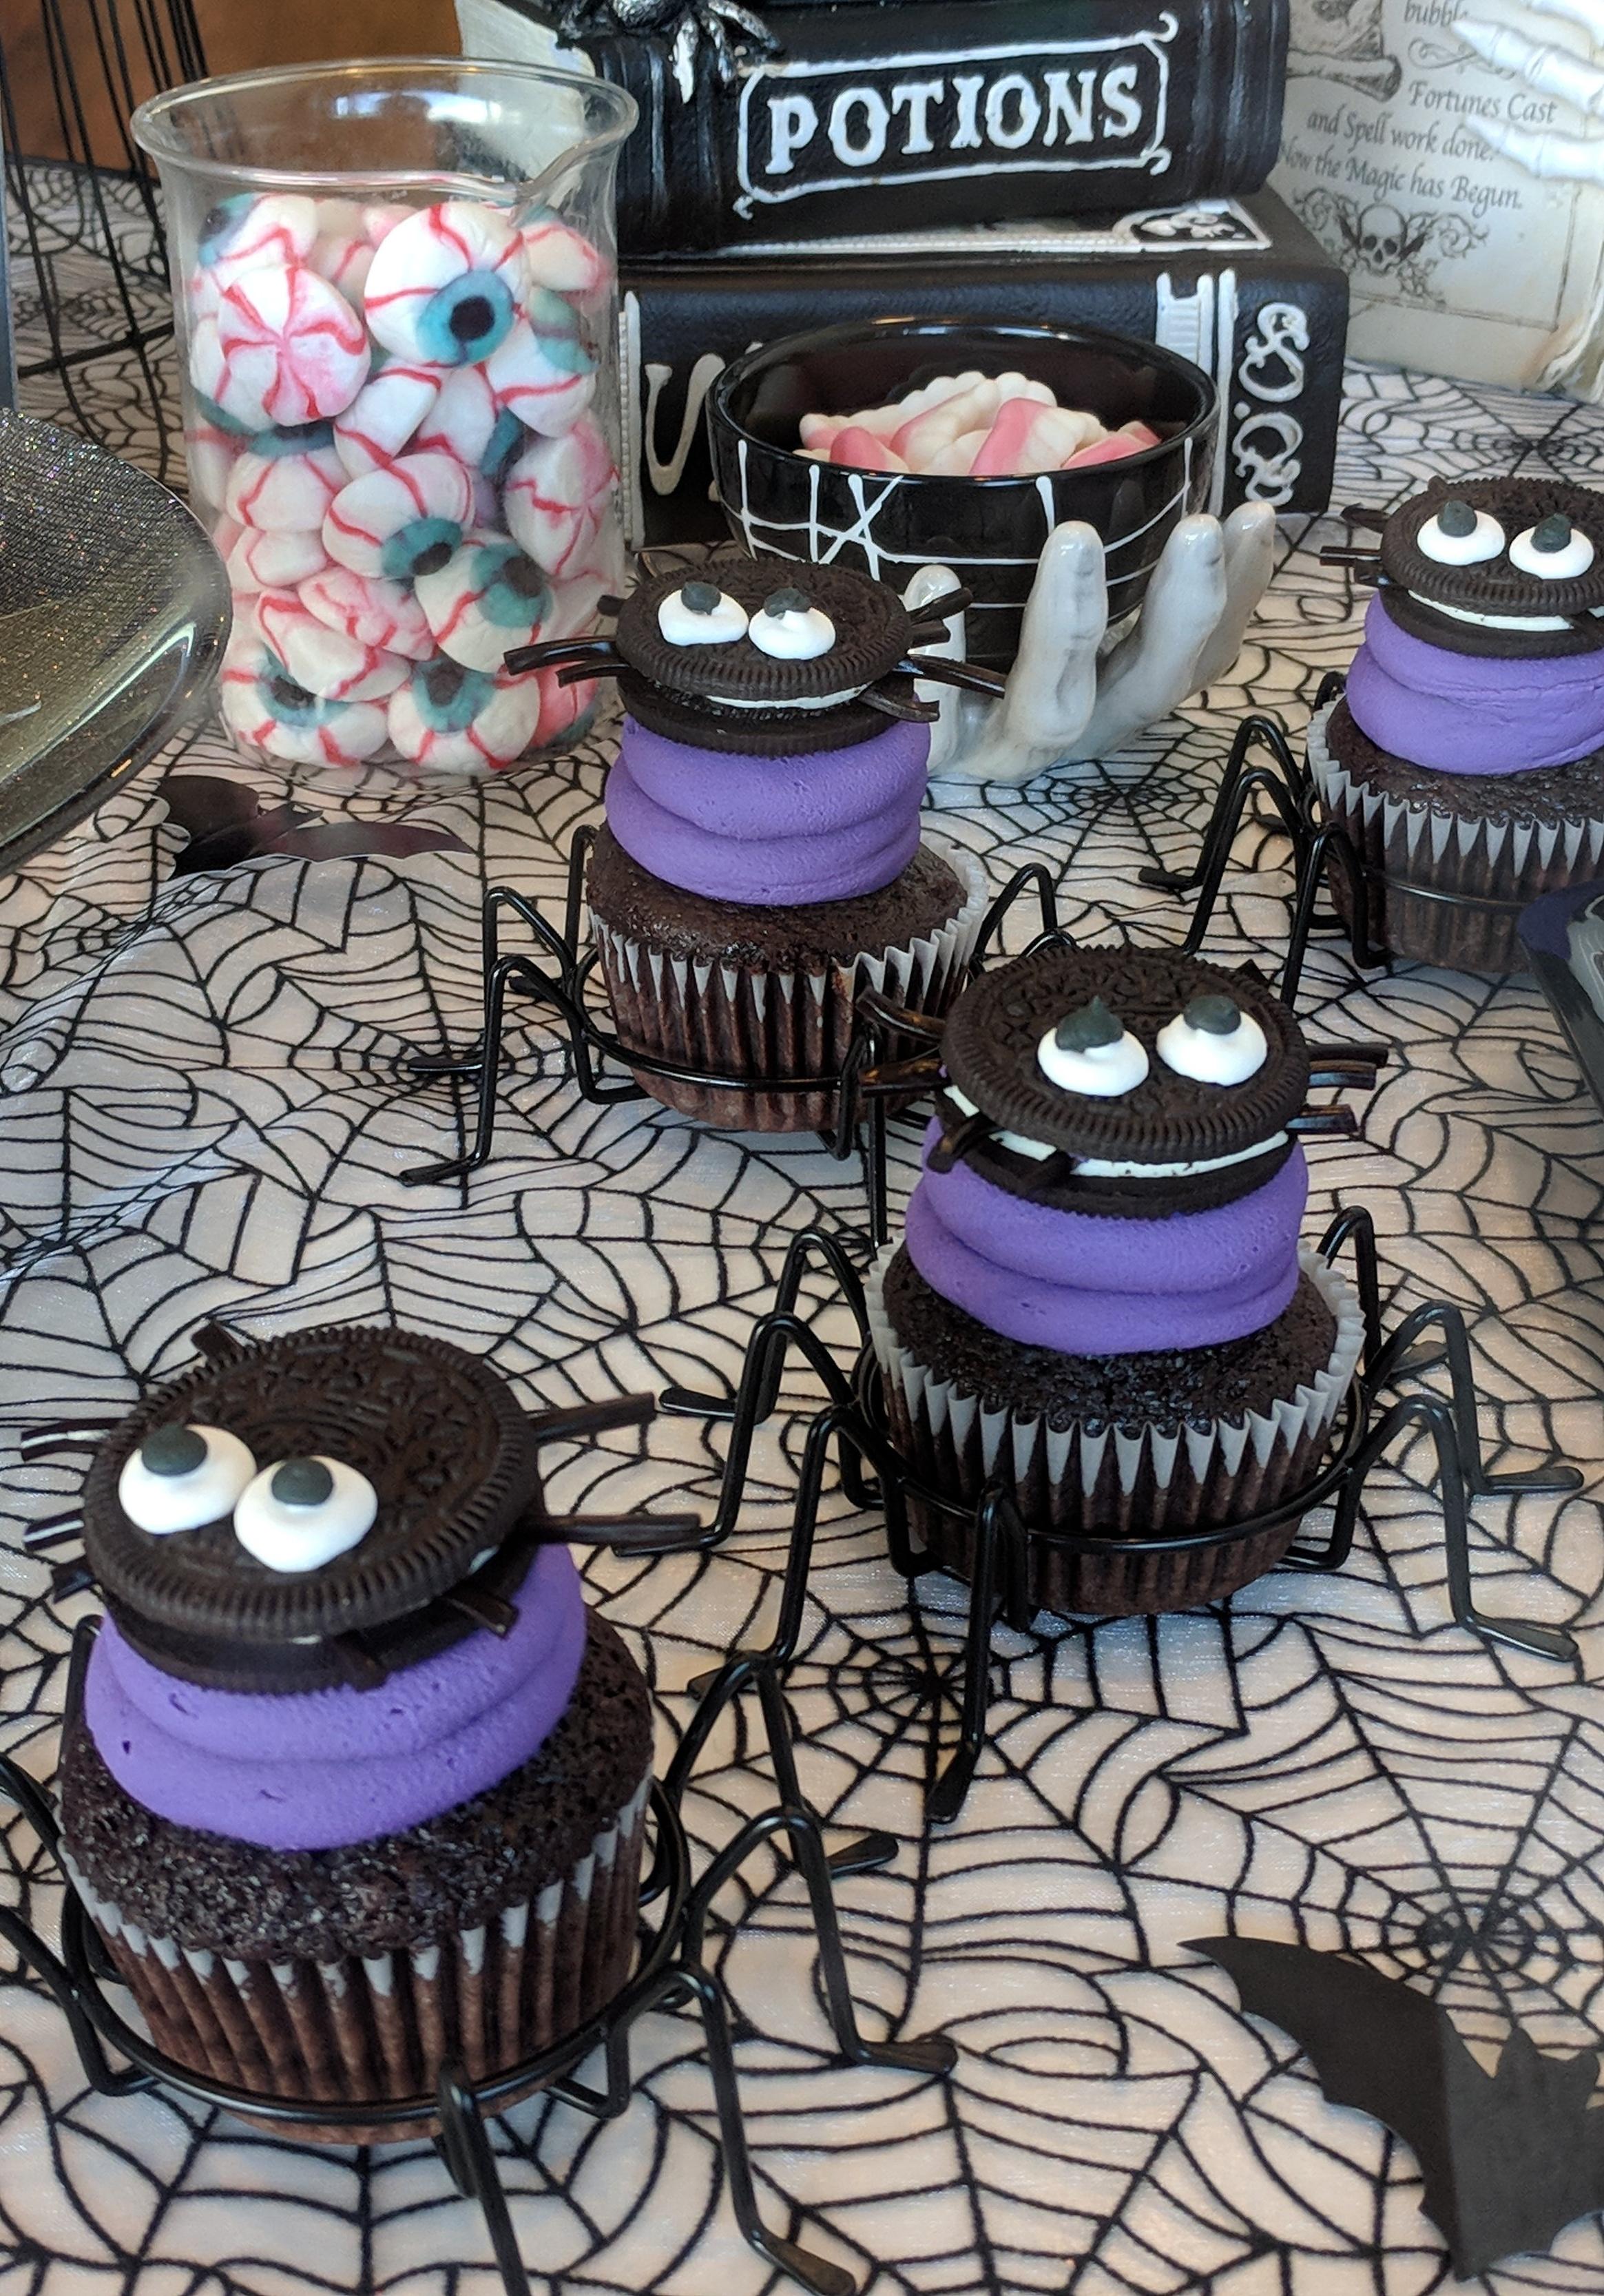 Spider Cupcake $4.25